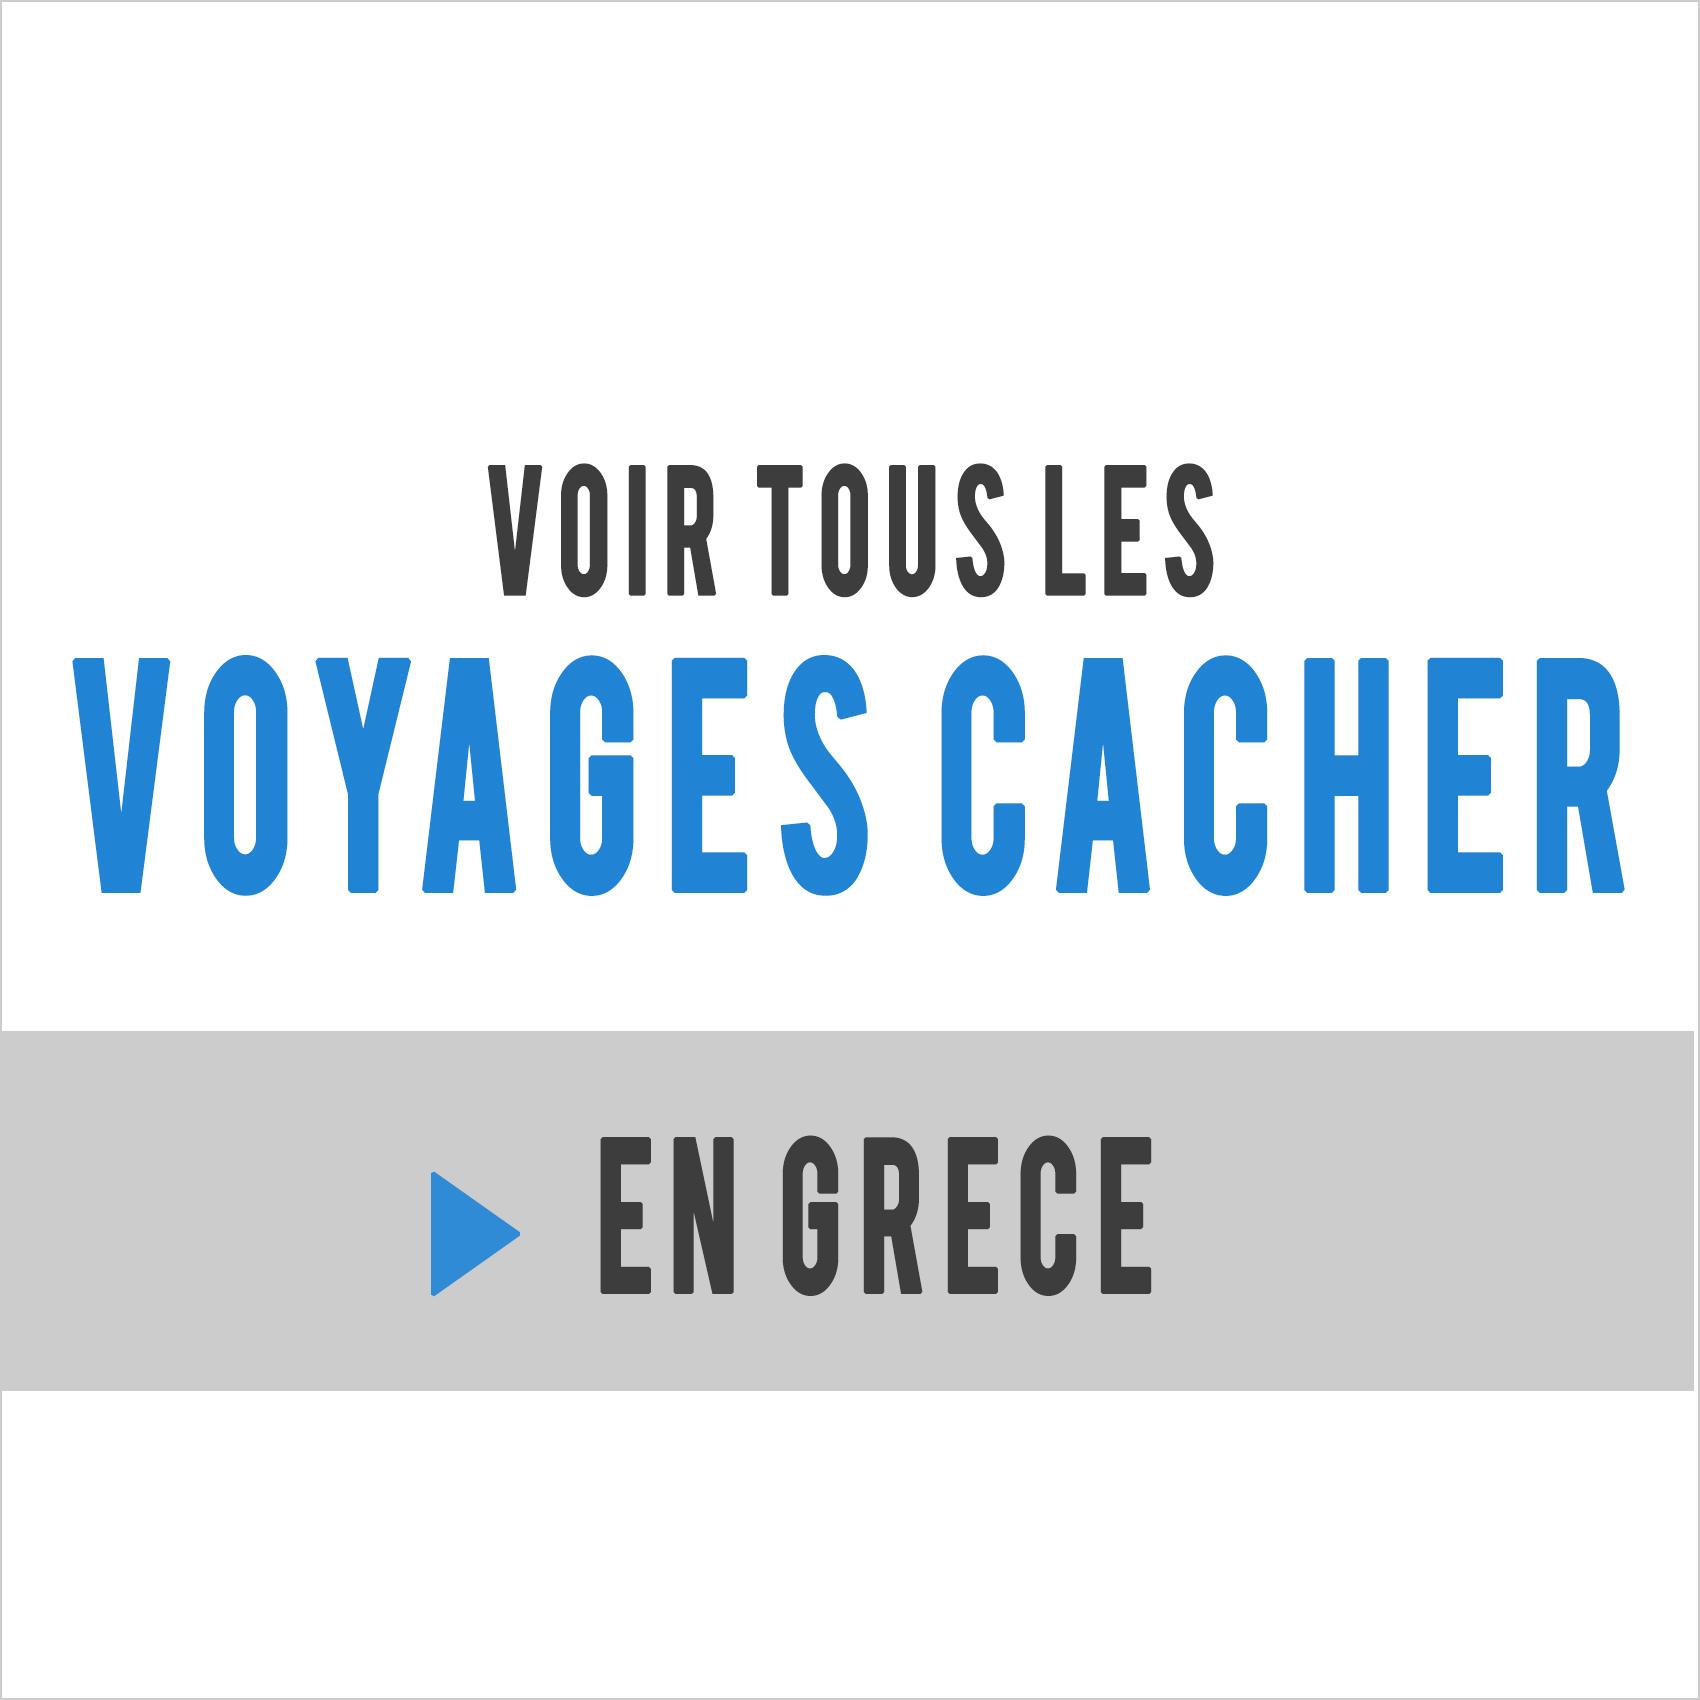 voyages cacher grece